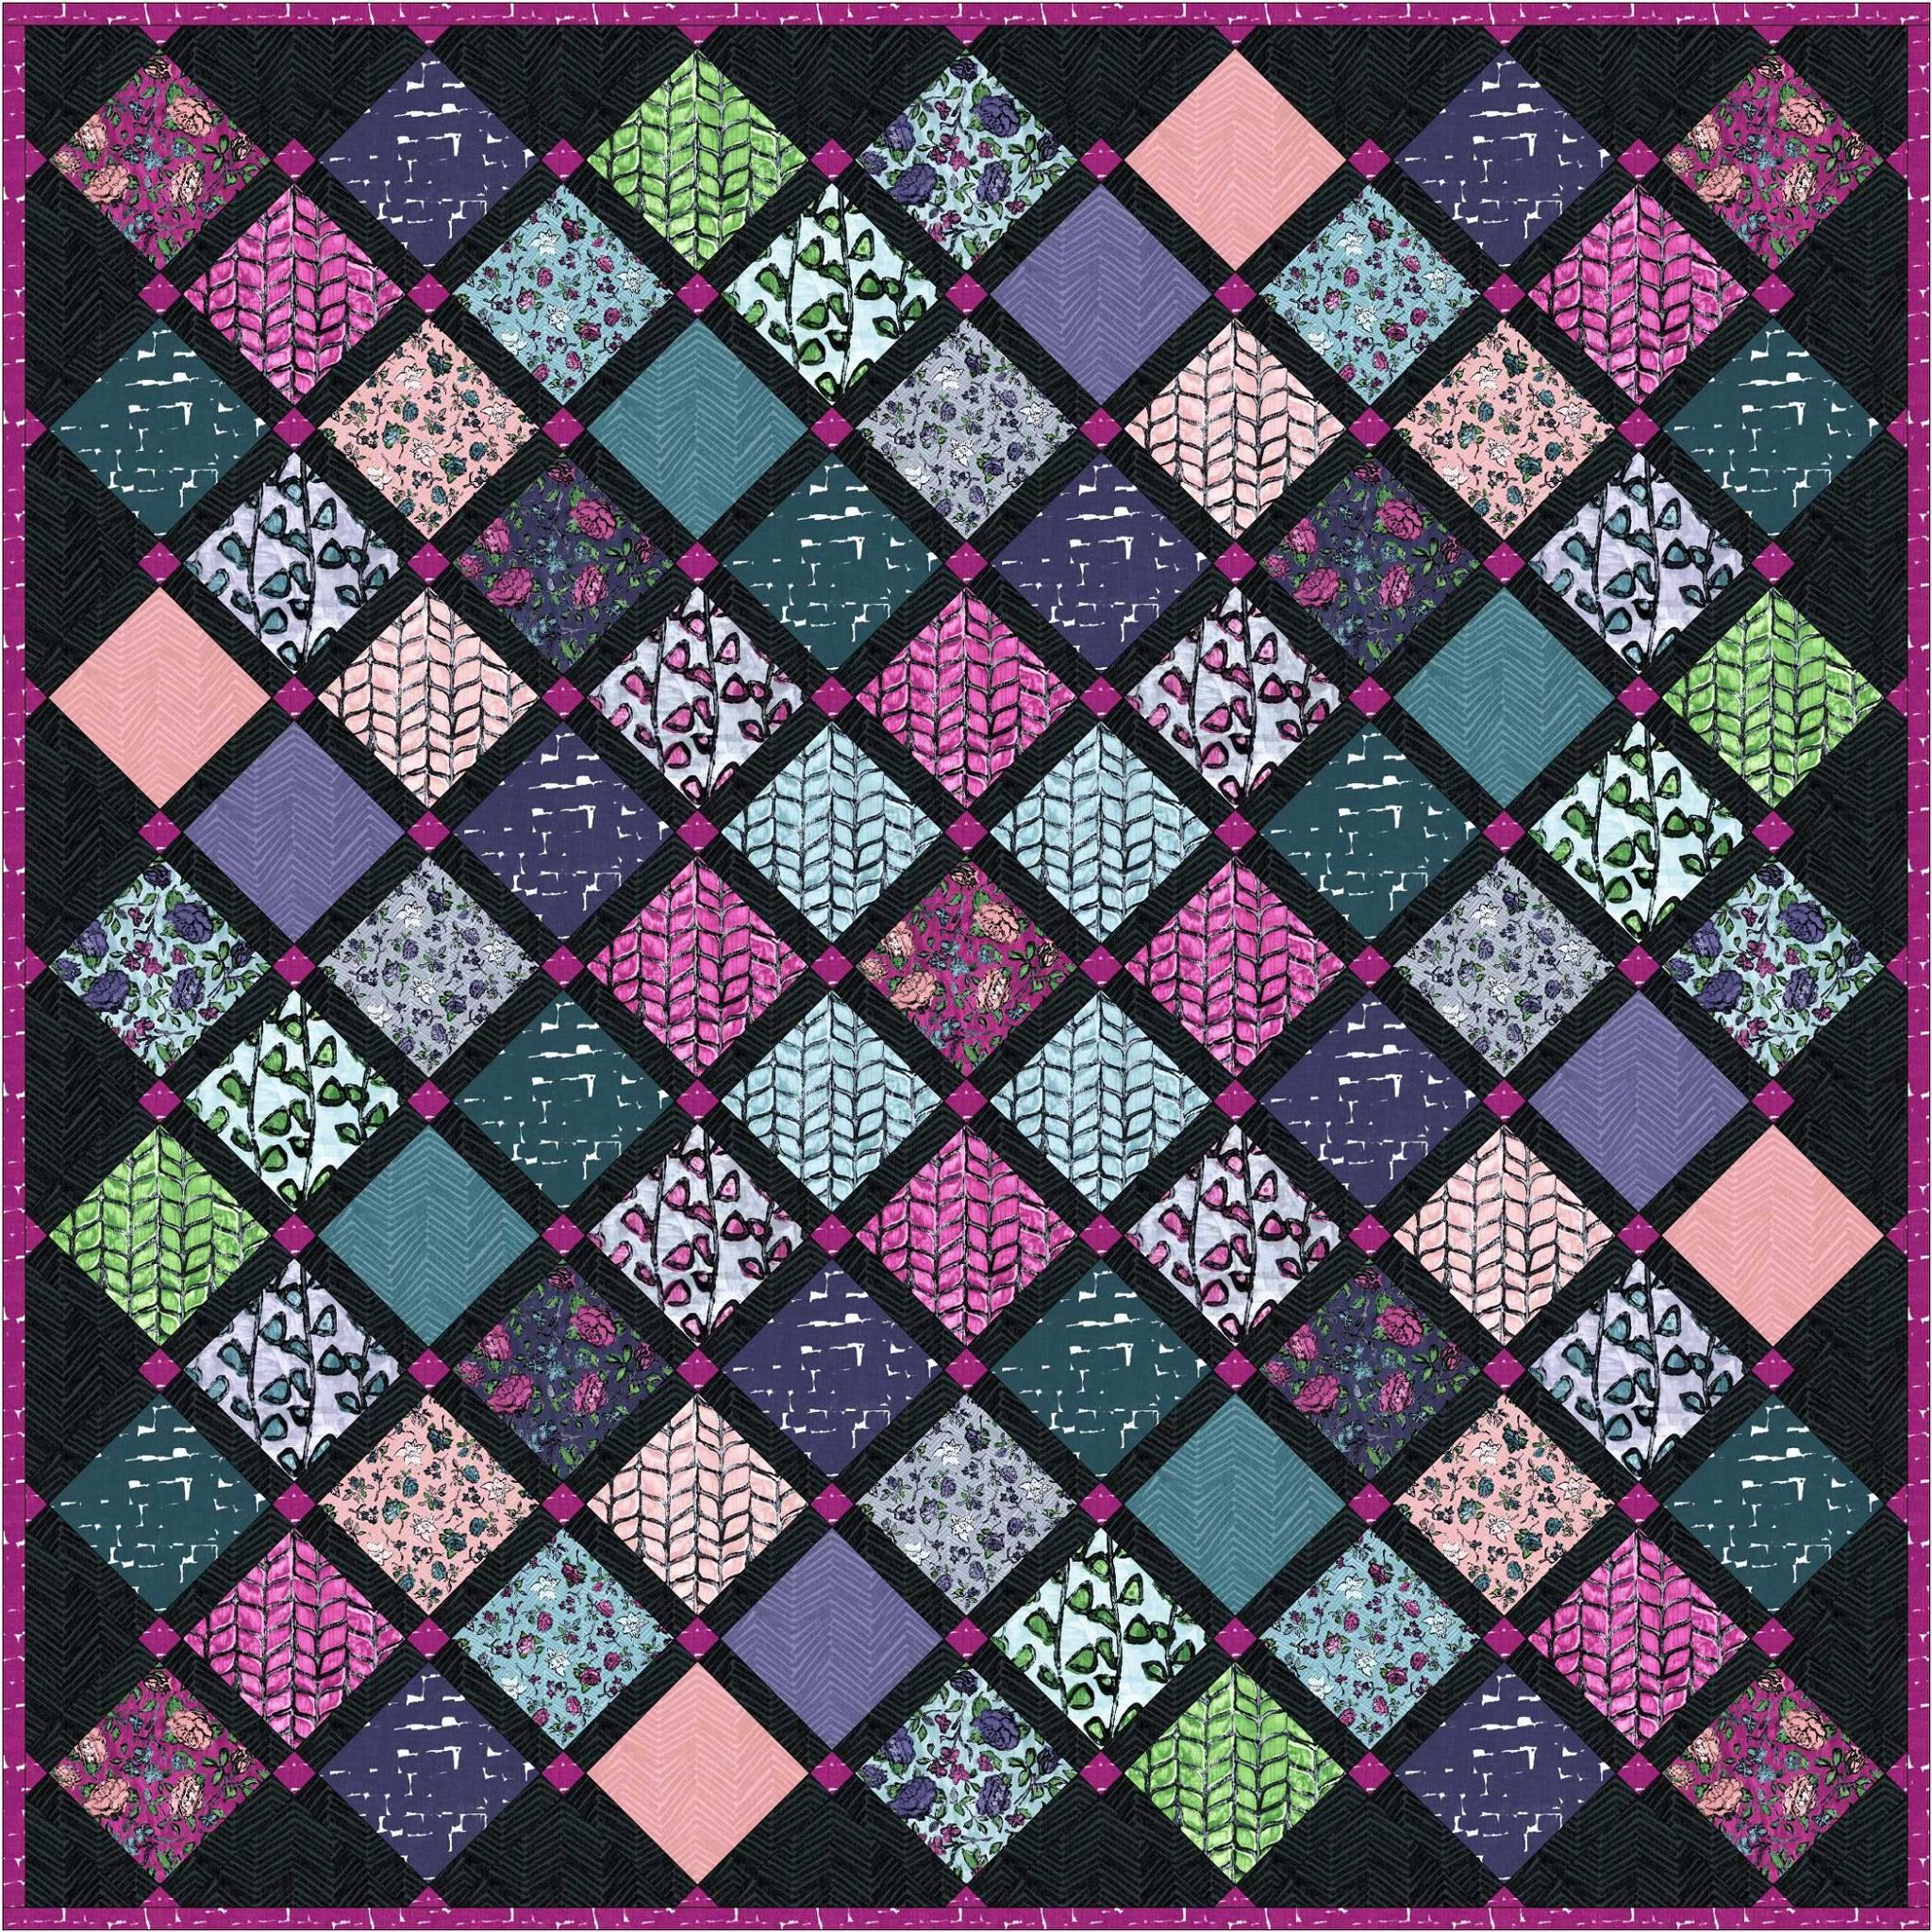 7_feature Florabunda! On Point by Michelle Binder 84 x 84 FQ friendly.jpg